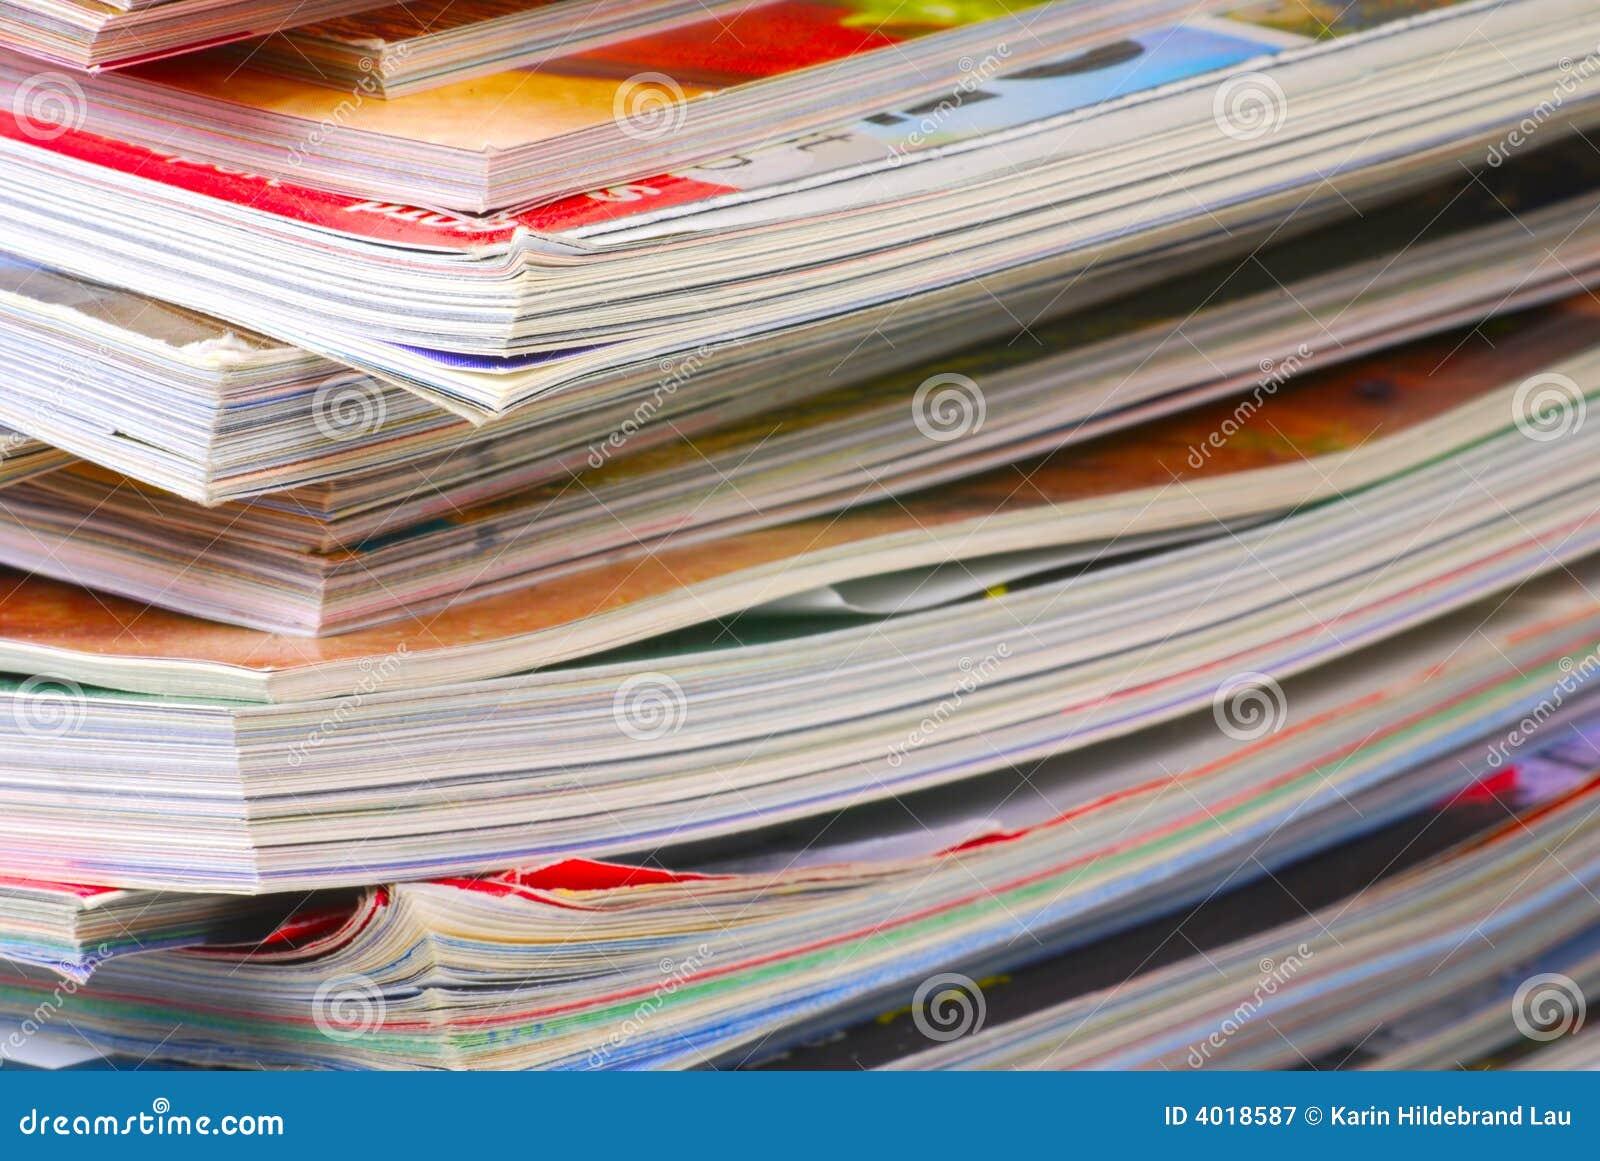 Stos magazynów